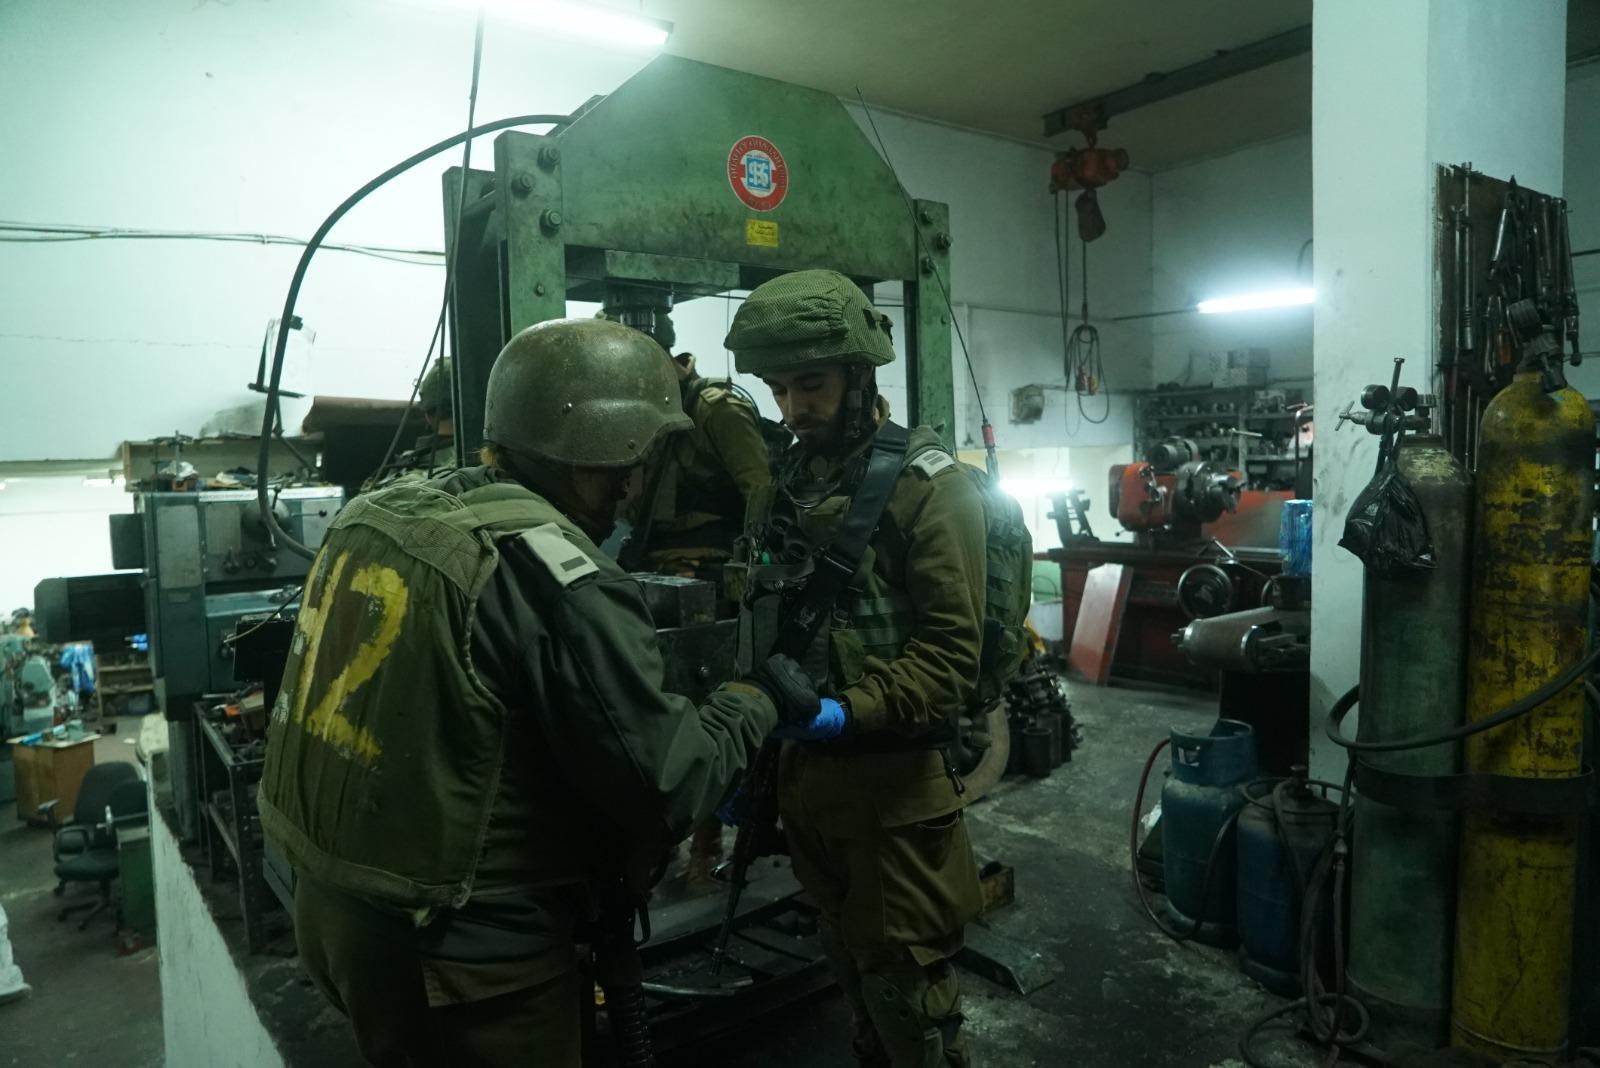 חיילים מחרטה נשק